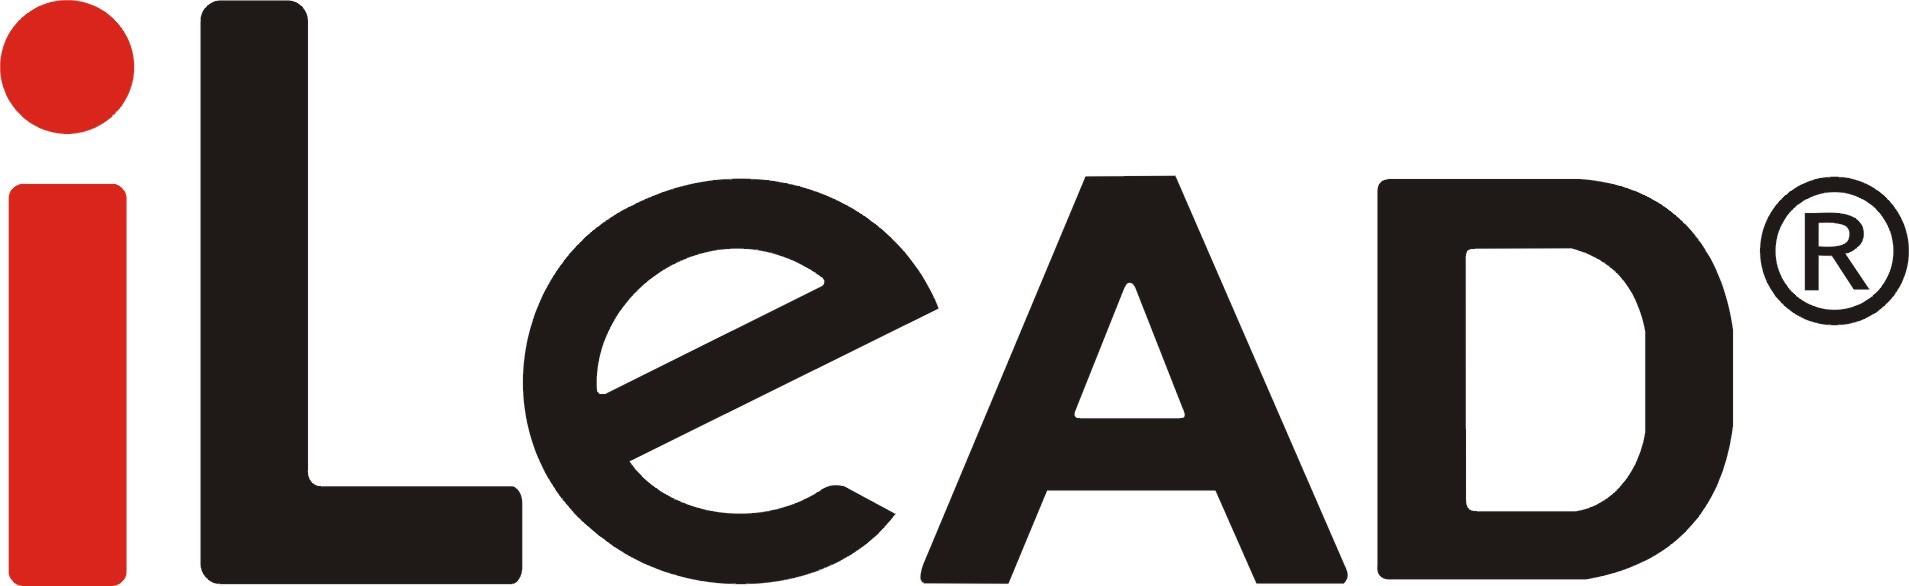 logo 标识 标志 设计 矢量 矢量图 素材 图标 1909_586